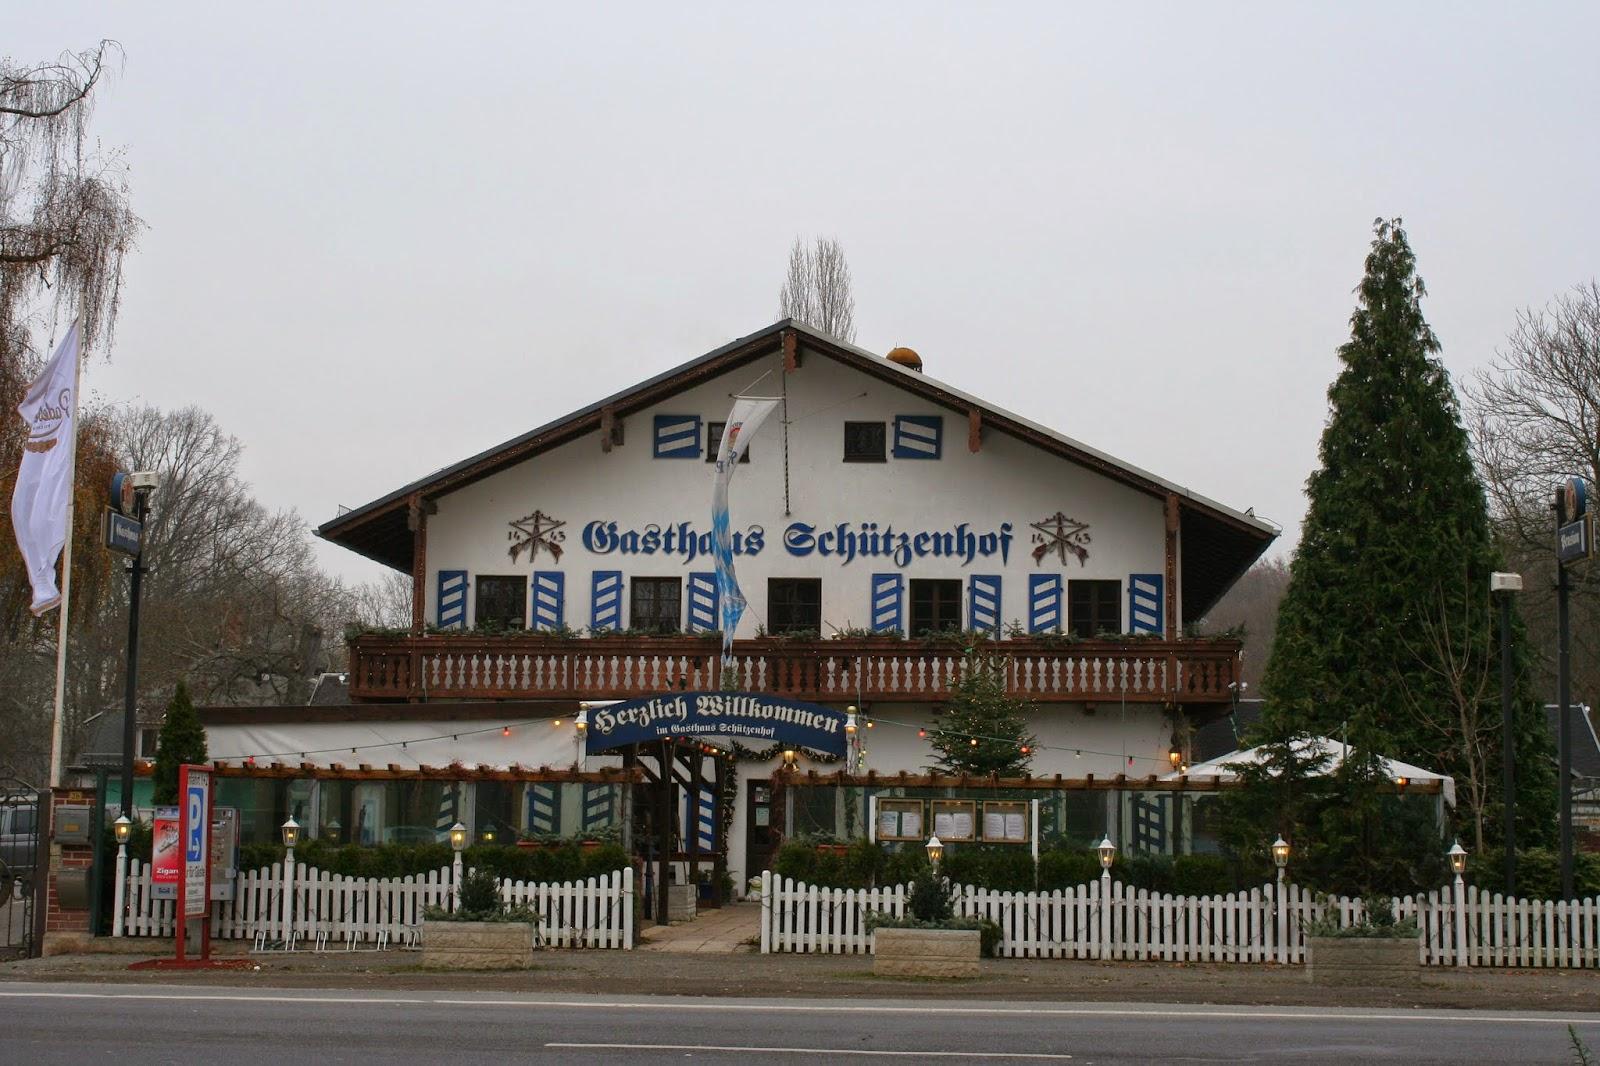 1919 wurde das Grundstück von der Leipziger Schützengesellschaft e.V. erworben - von 1919 bis 1921 wurde das Vereinsgebäude mit Saal und Anbauten errichtet, ebenso die Schießanlagen